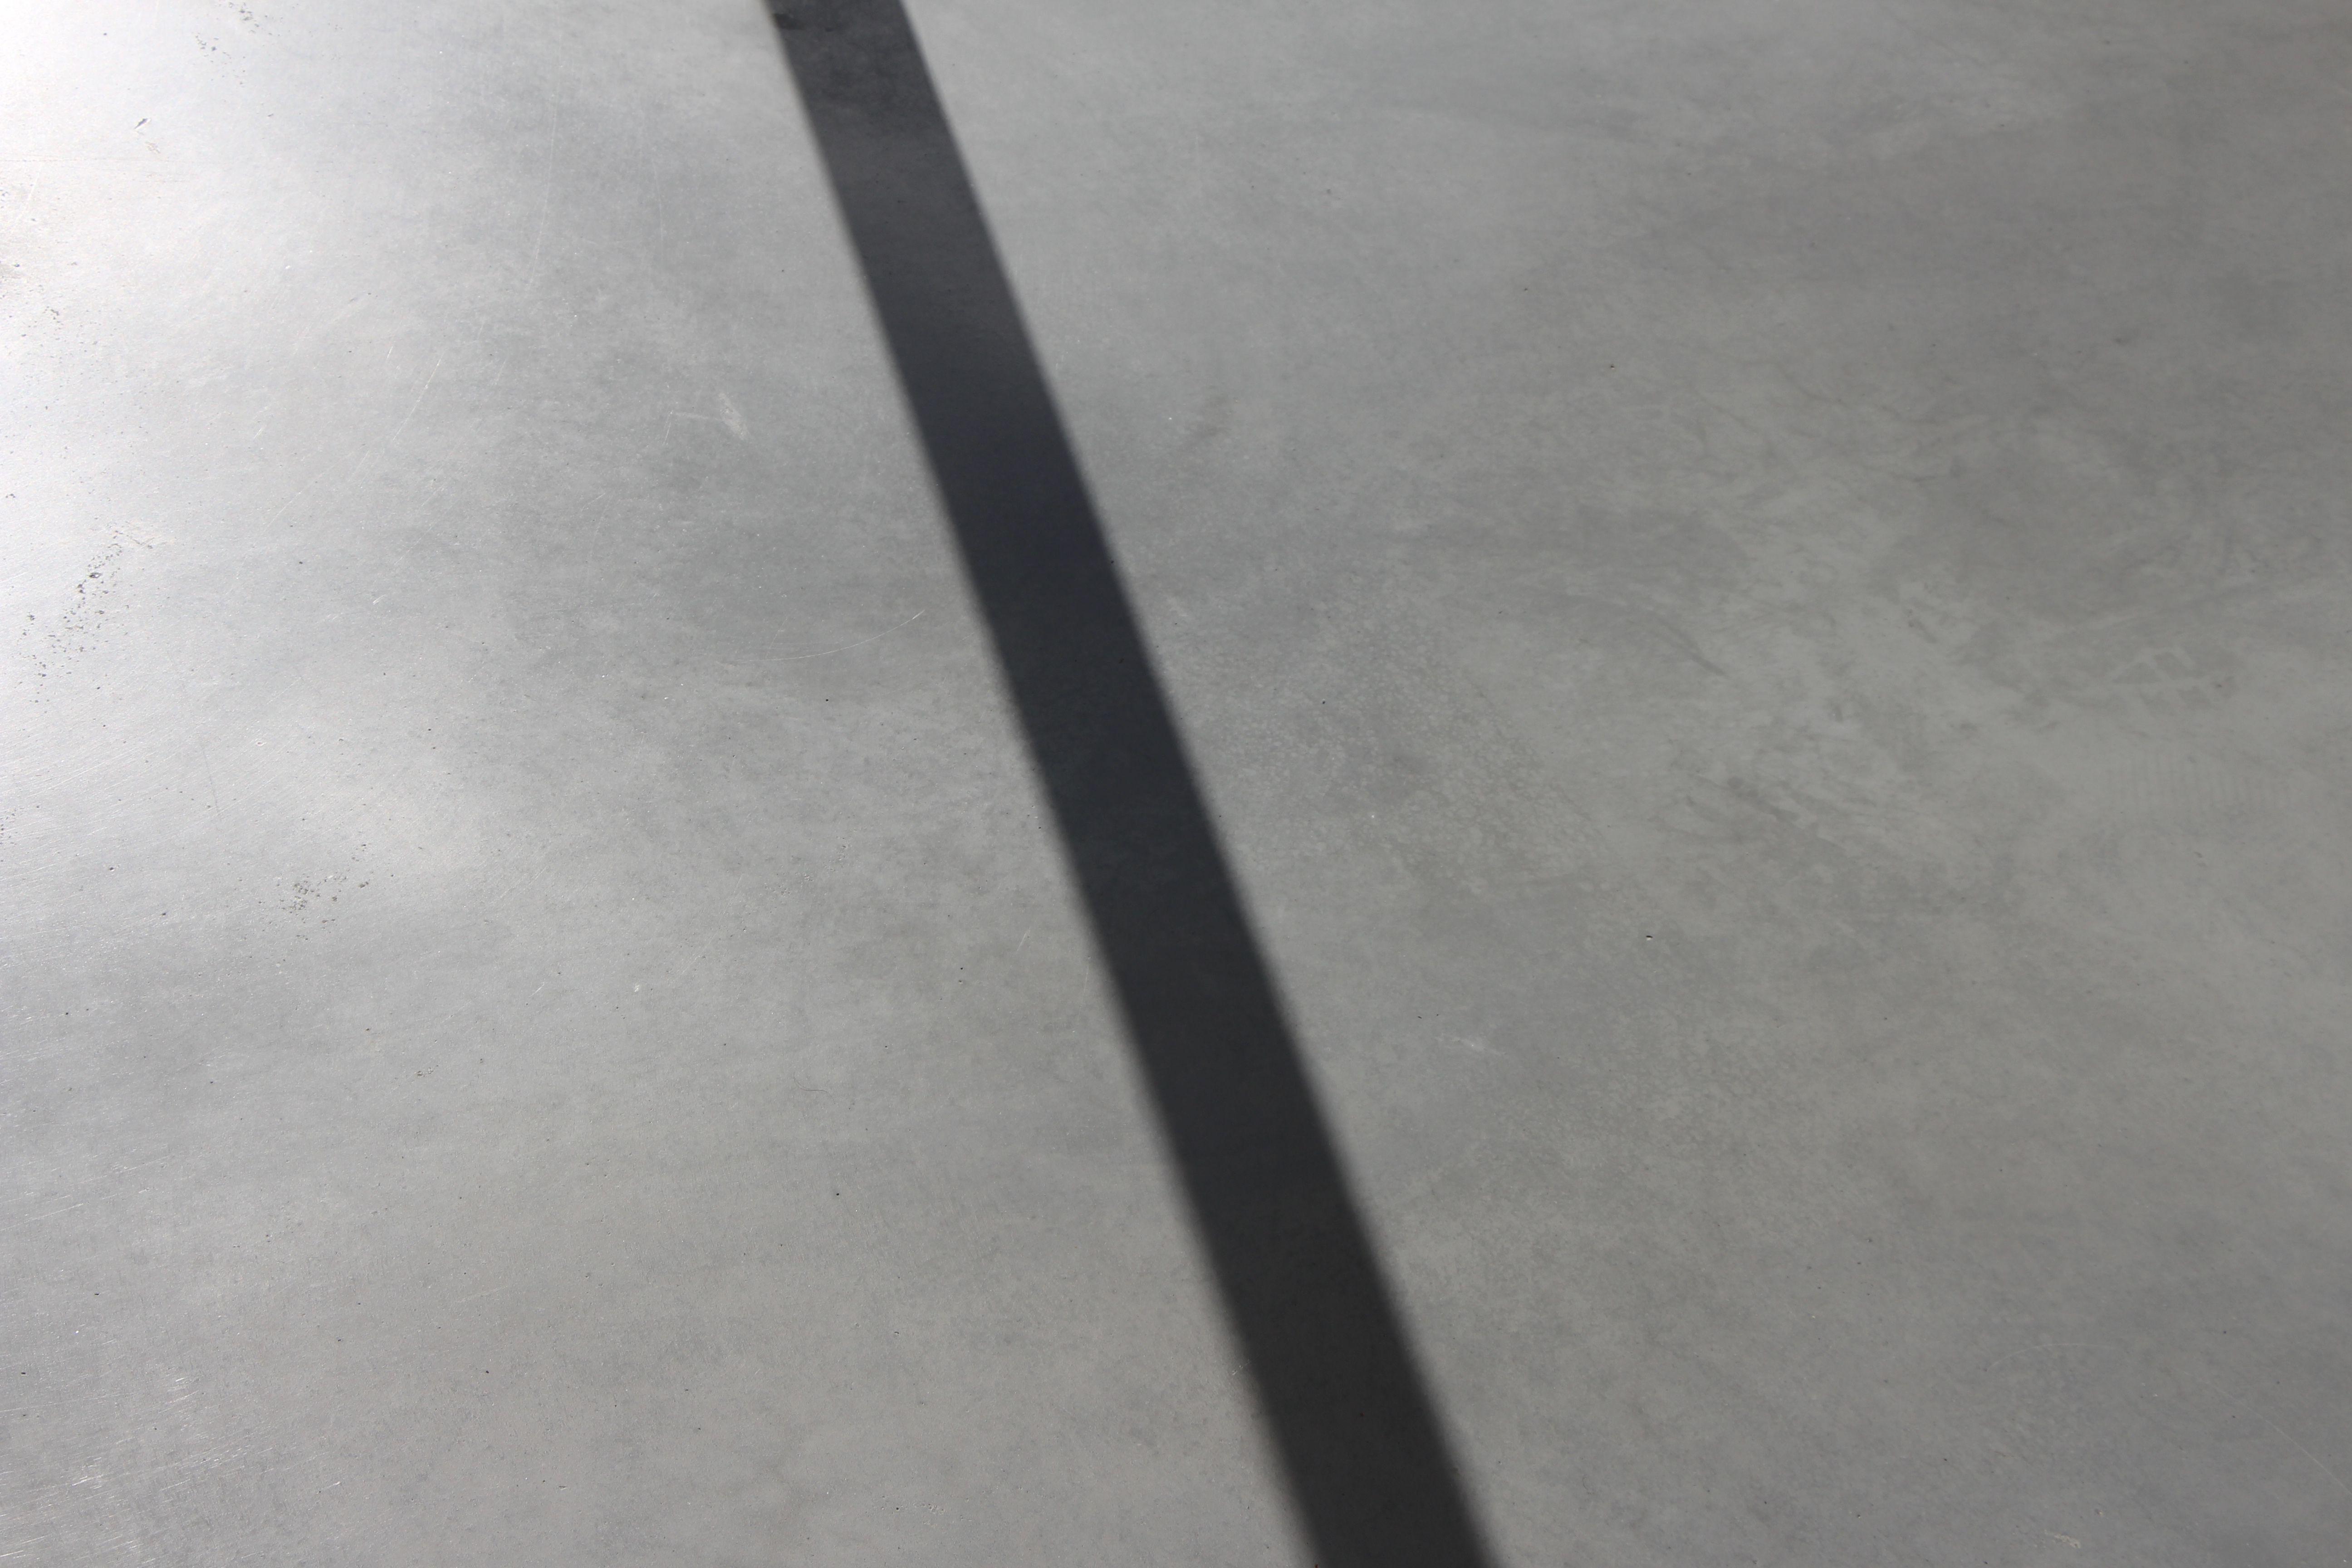 Deze dikke zwarte schaduwlijn heeft rechte contouren. Deze lijn zal door de veranderende positie van de zon voortdurend veranderen van uitzicht.